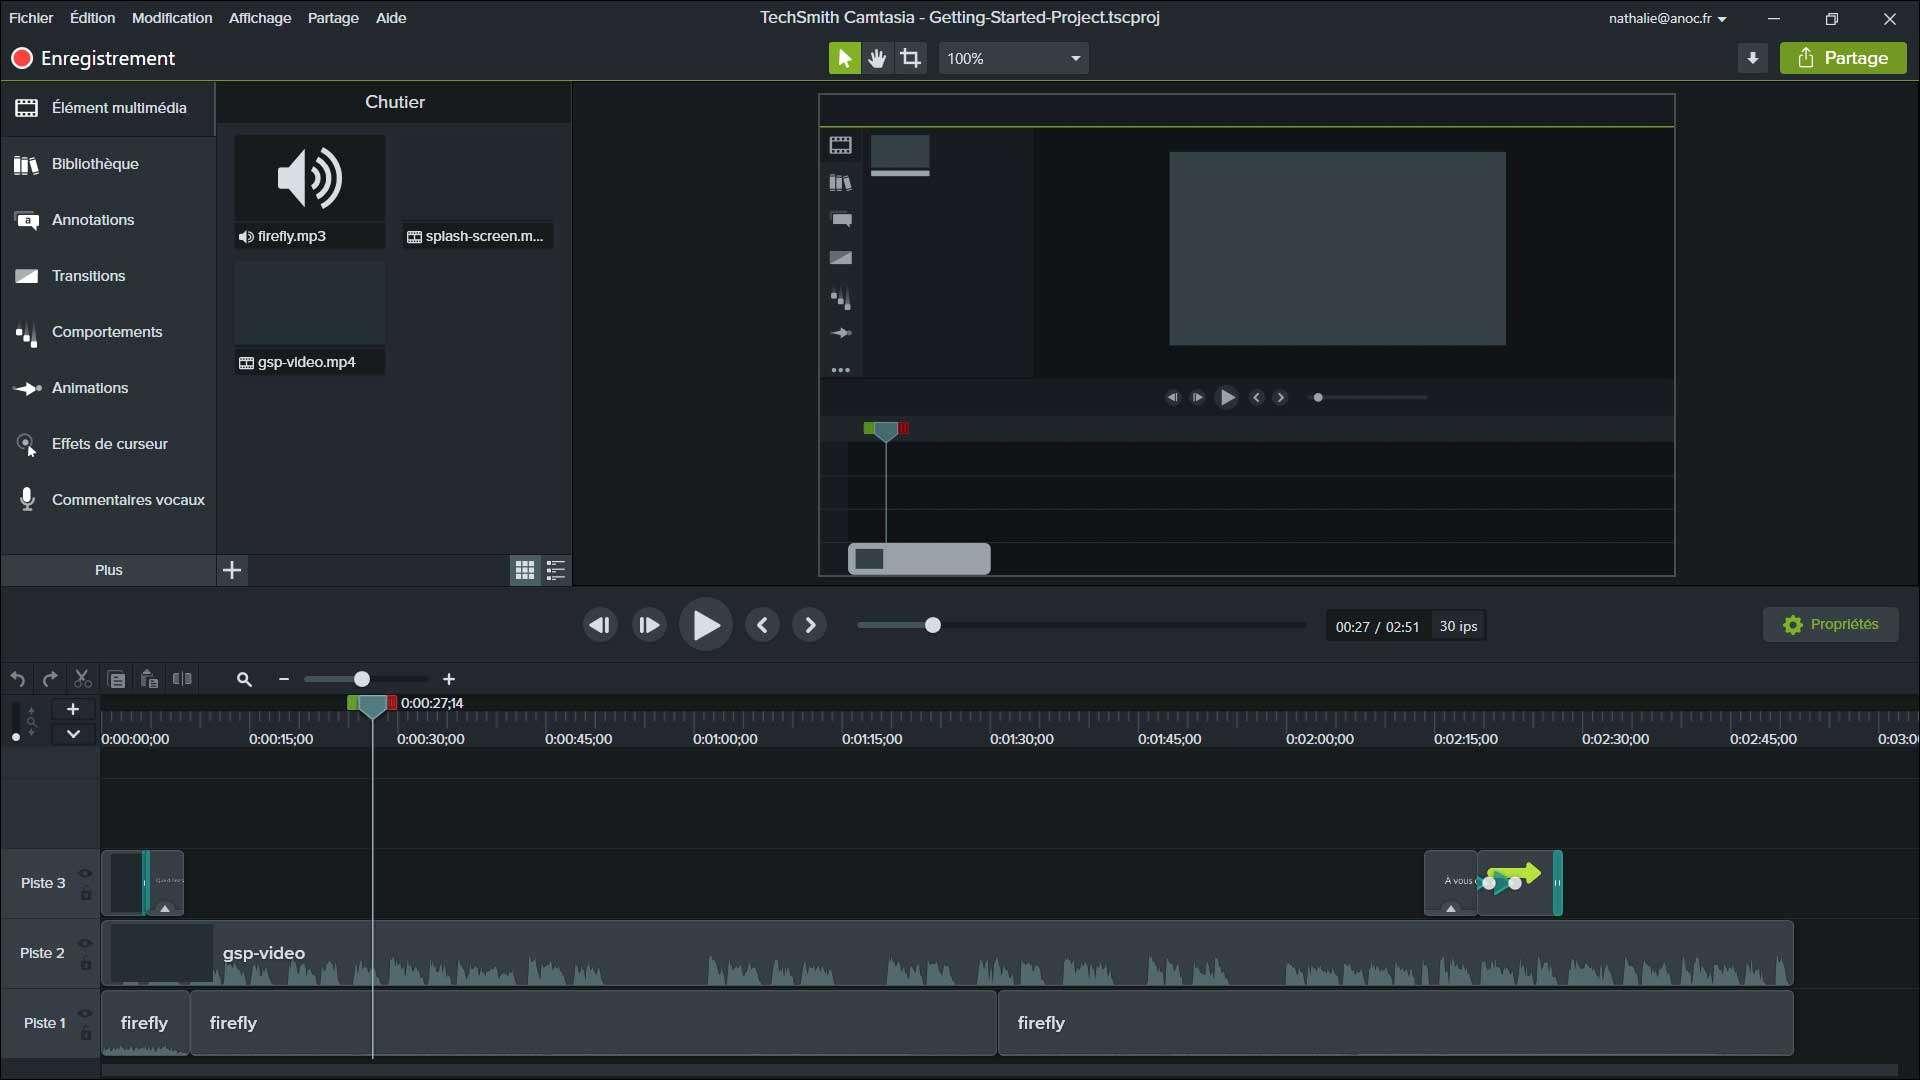 Logiciel de montage vidéo Camtasia Studio à -10 %